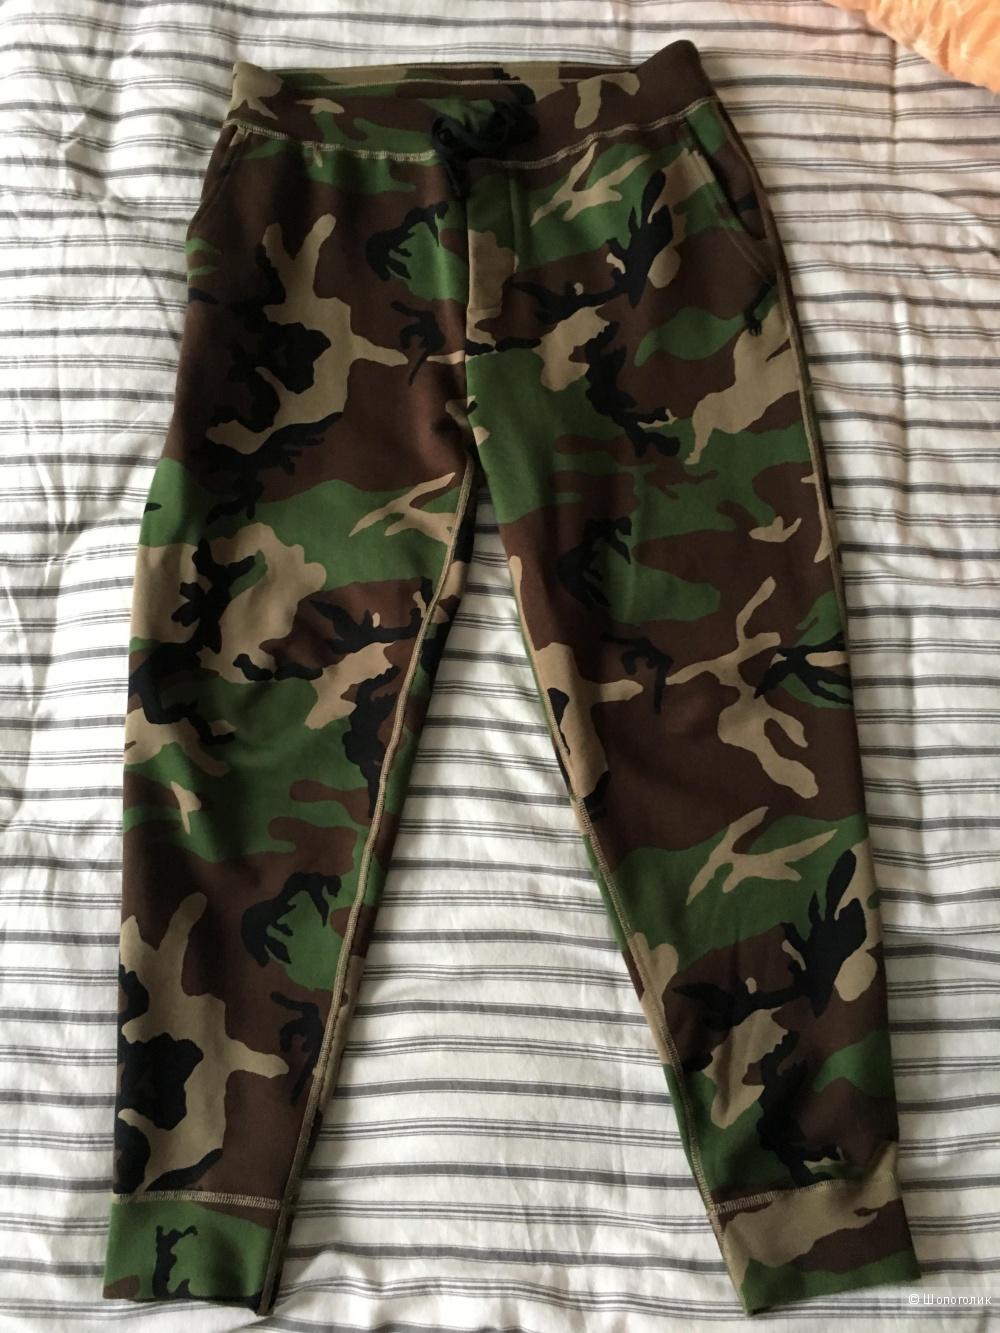 Ralph lauren камуфляжные штаны брюки джогеры M